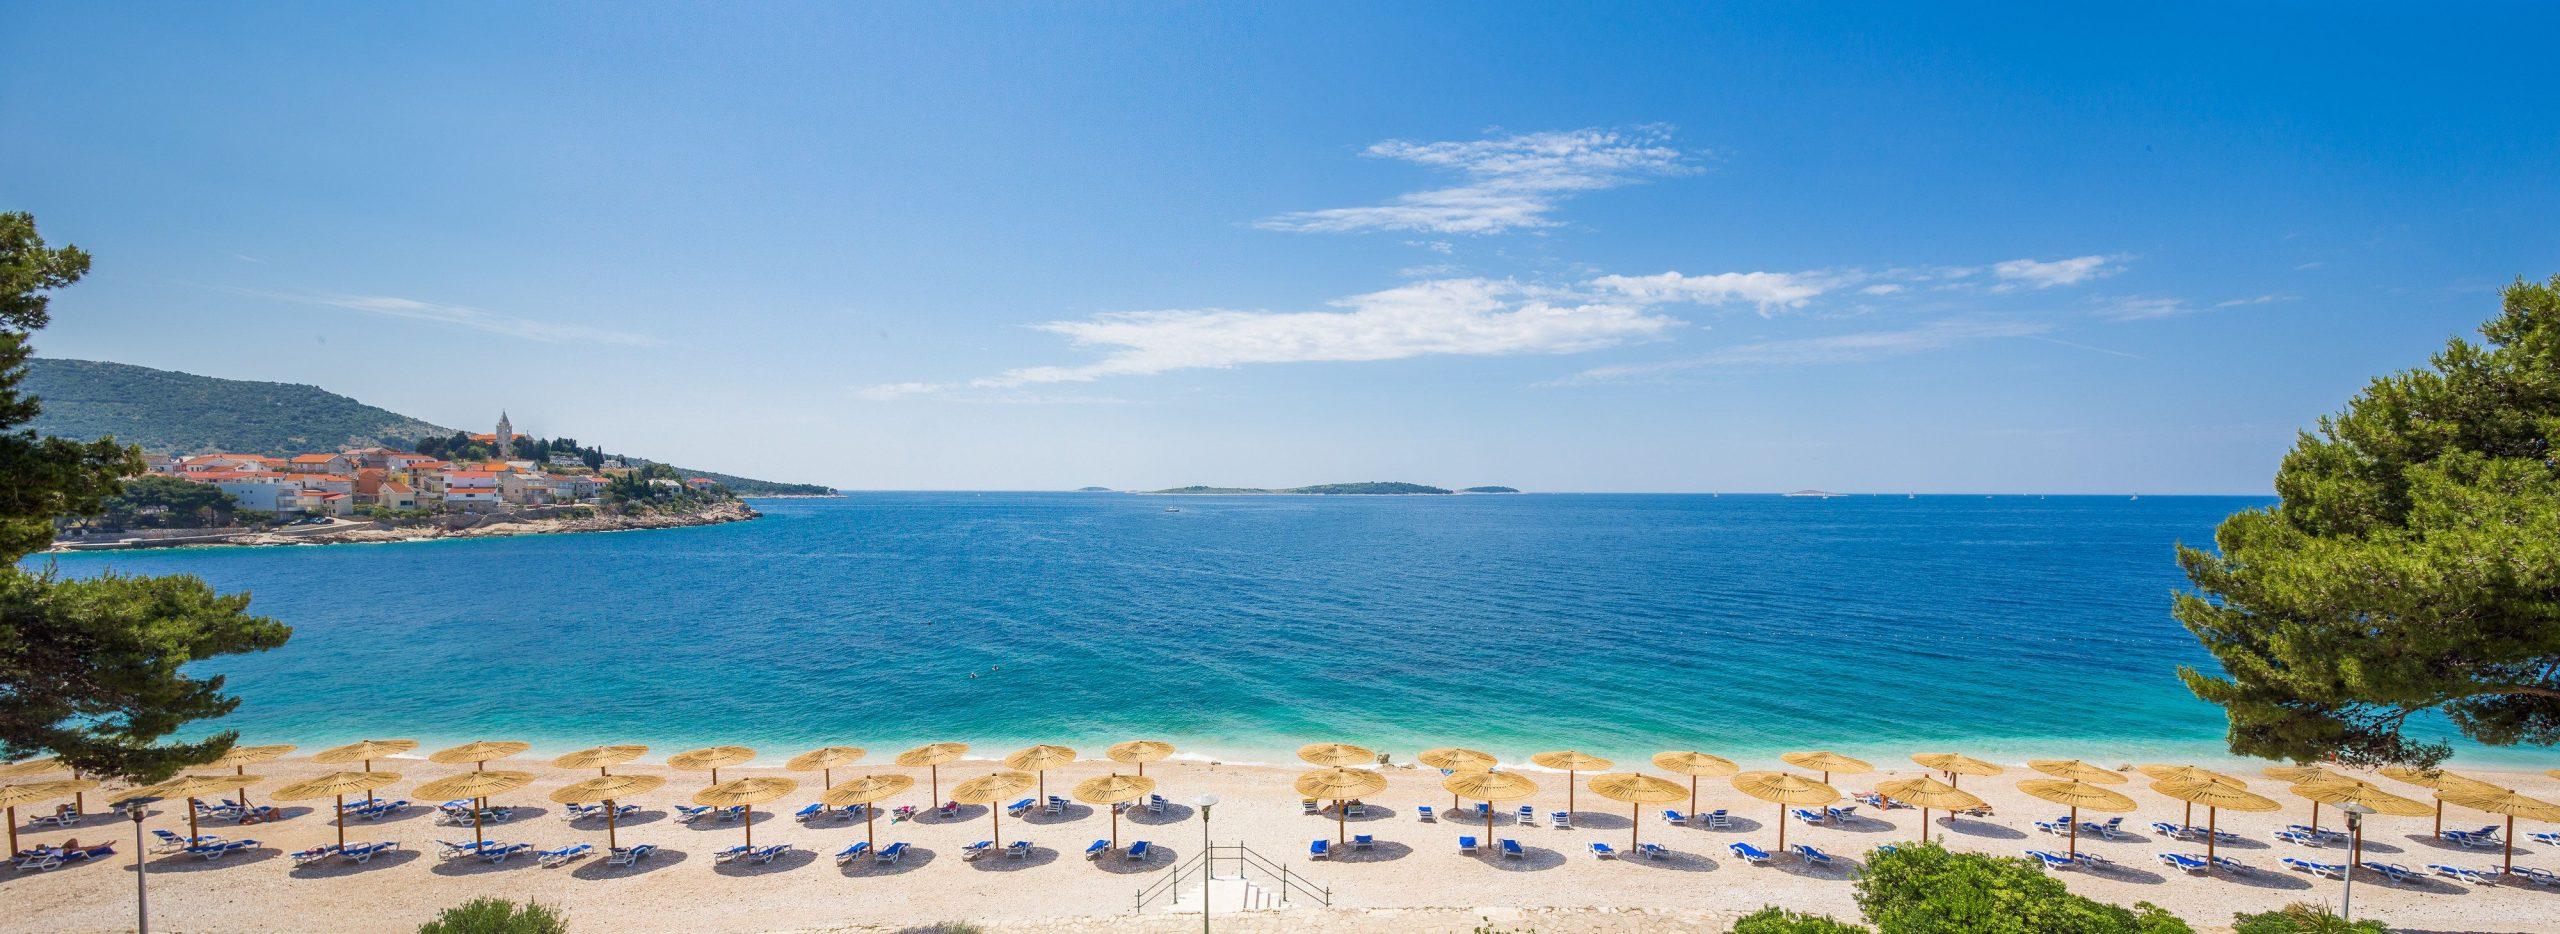 beach 01 14810343702 o 1 scaled - Zora Hotel